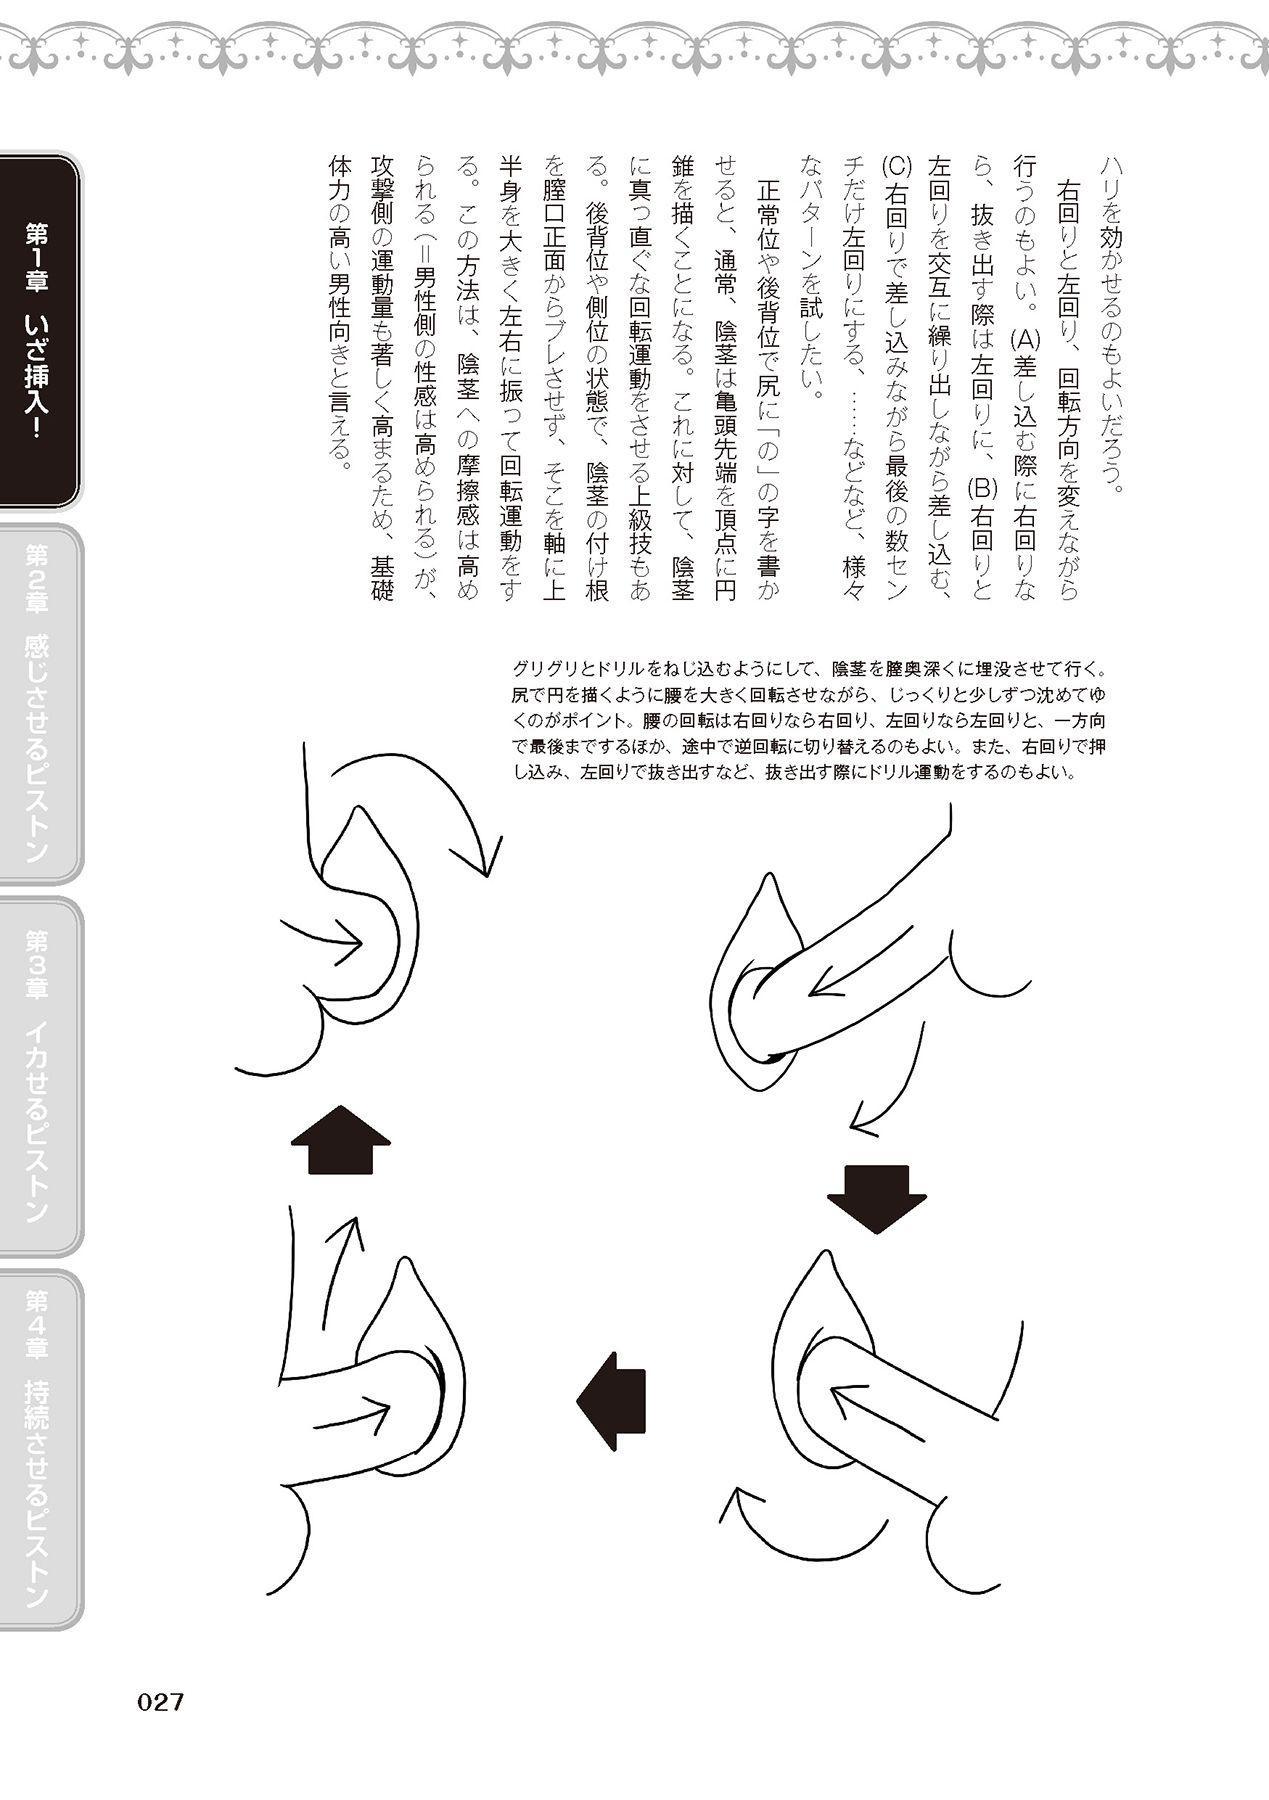 膣挿入&ピストン運動完全マニュアル イラスト版……ピスとんッ! 28